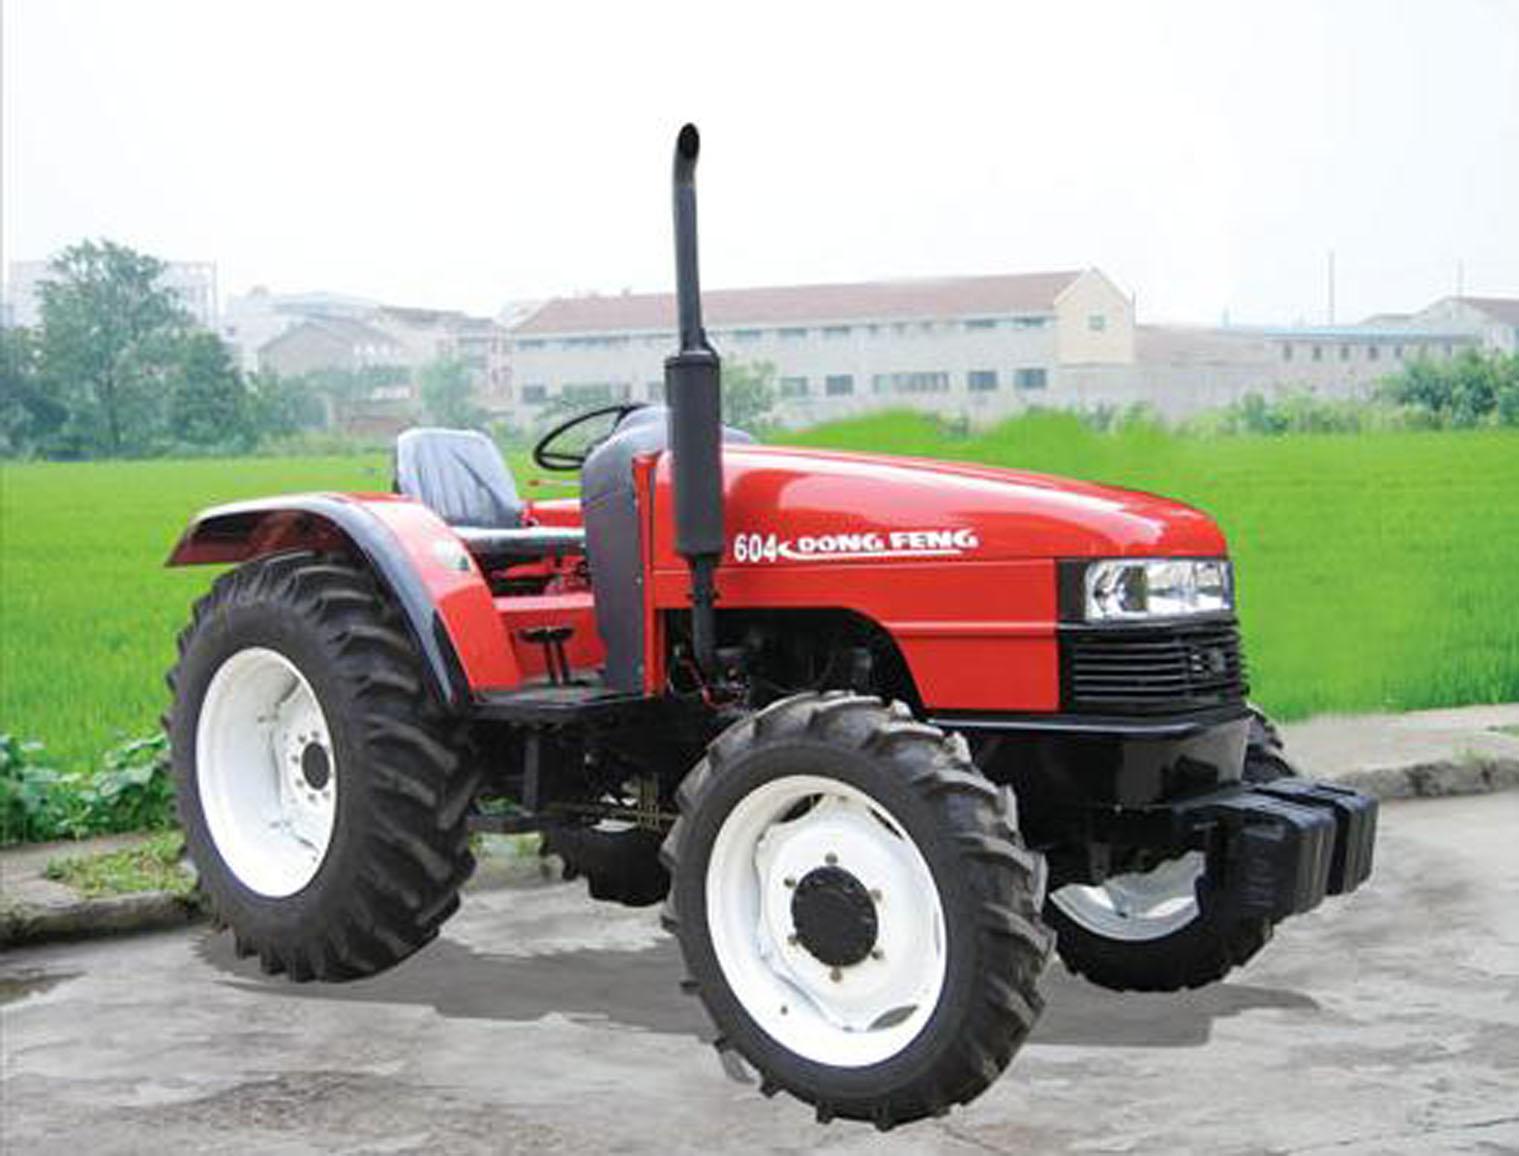 2 Wheel Tractor 1900 : Tractors methods of construction